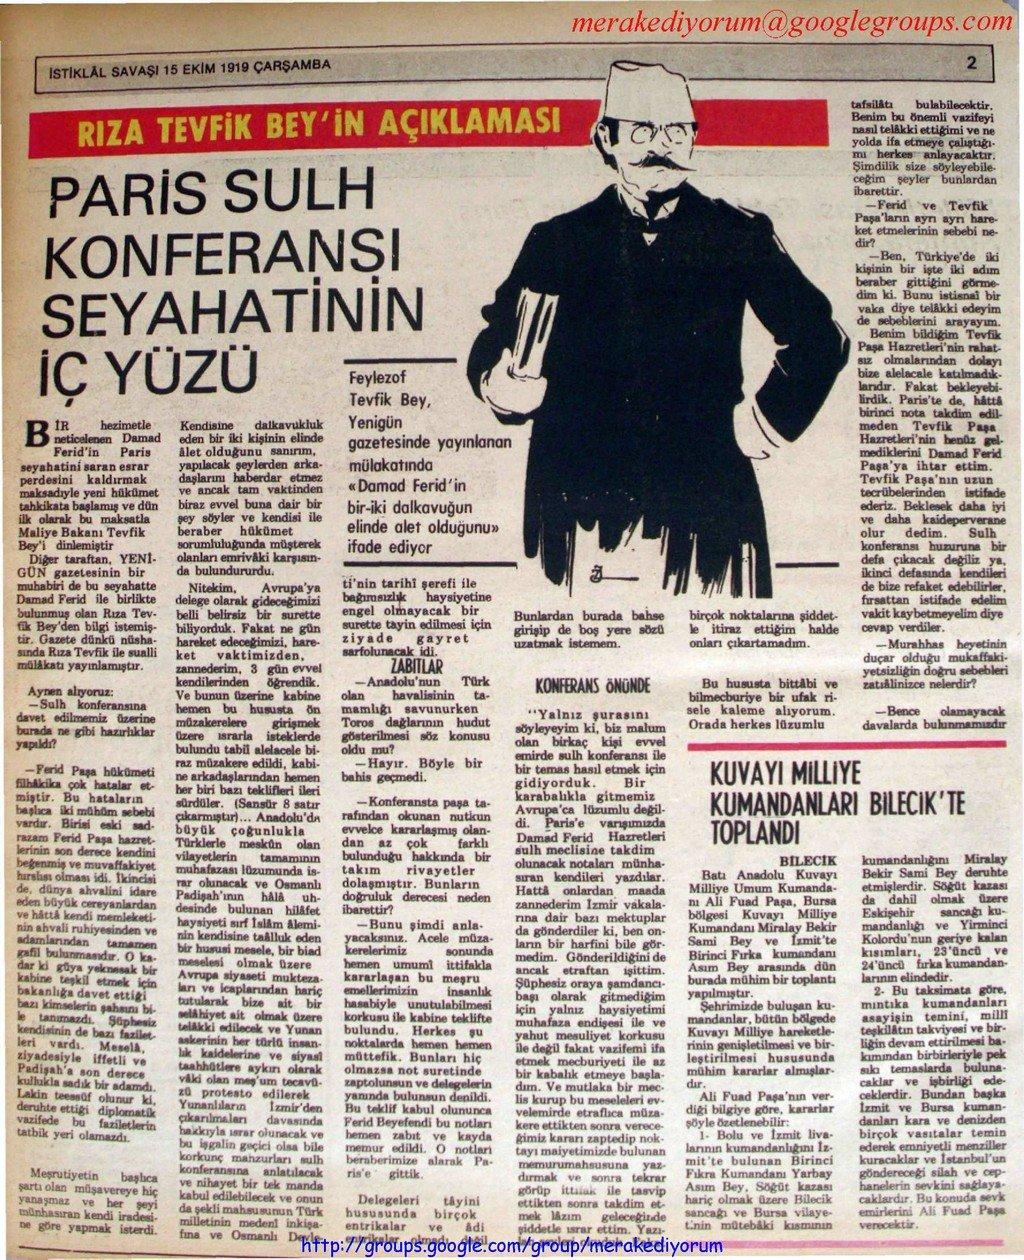 istiklal savaşı gazetesi - 15 ekim 1919